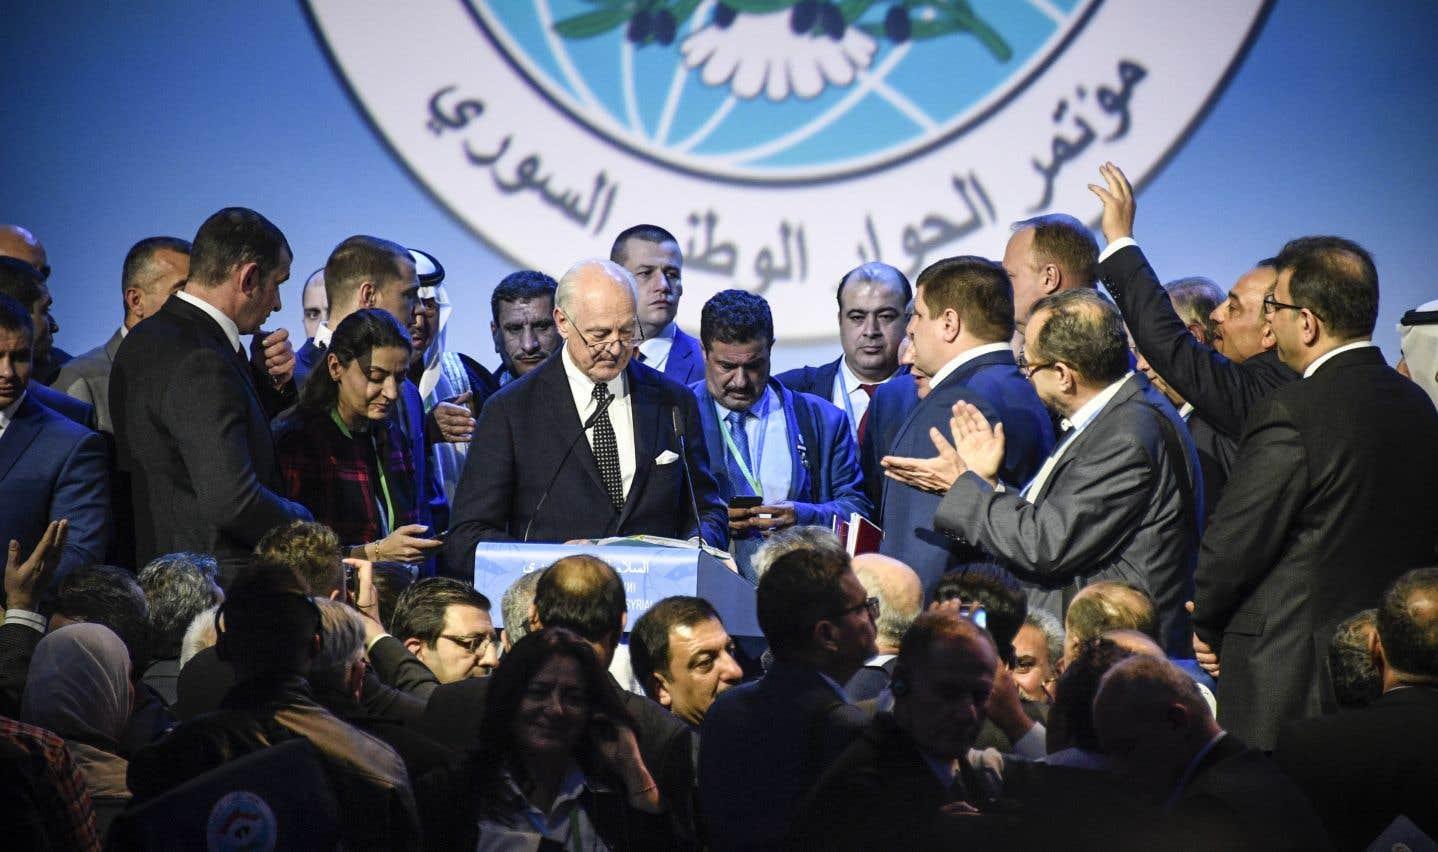 L'émissaire des Nations unies Staffan de Mistura prononce un discours à l'issue d'une séance plénière au Congrès du dialogue national syrien à Sotchi, mardi.